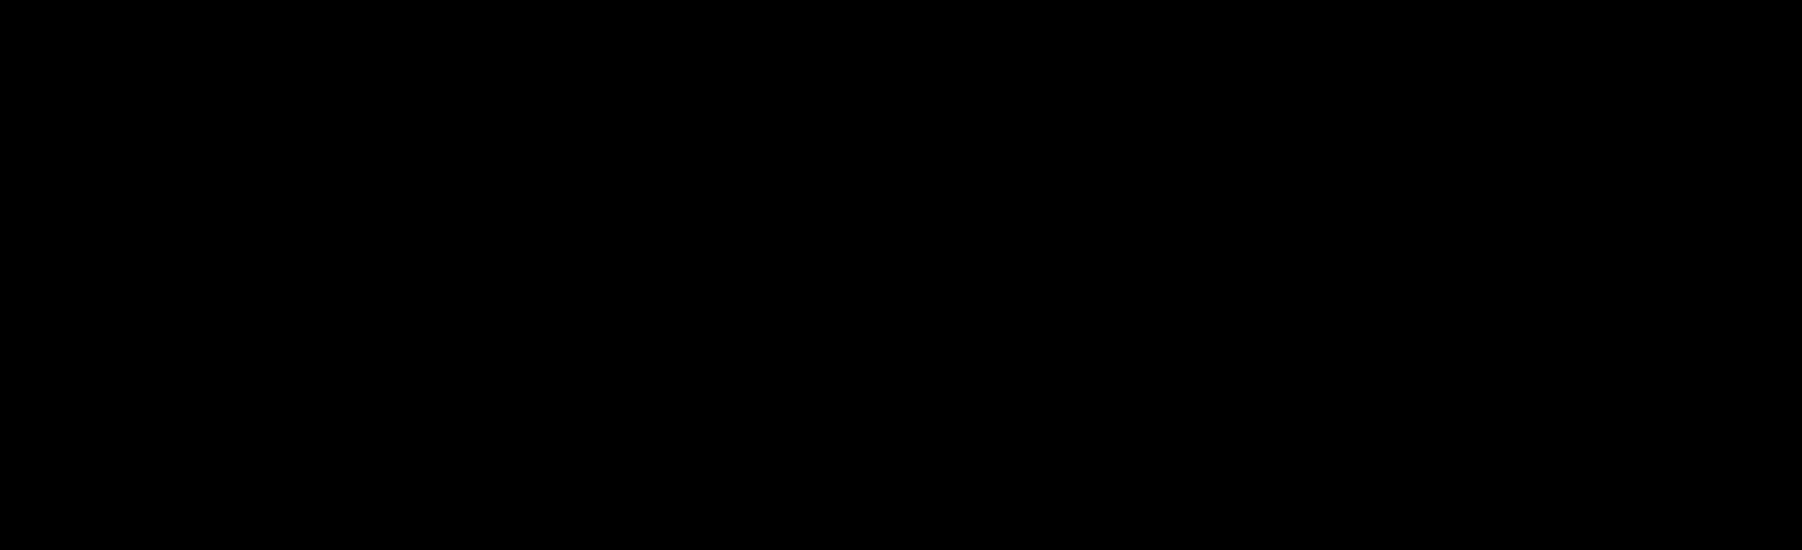 BD 1047 Dihydrobromide